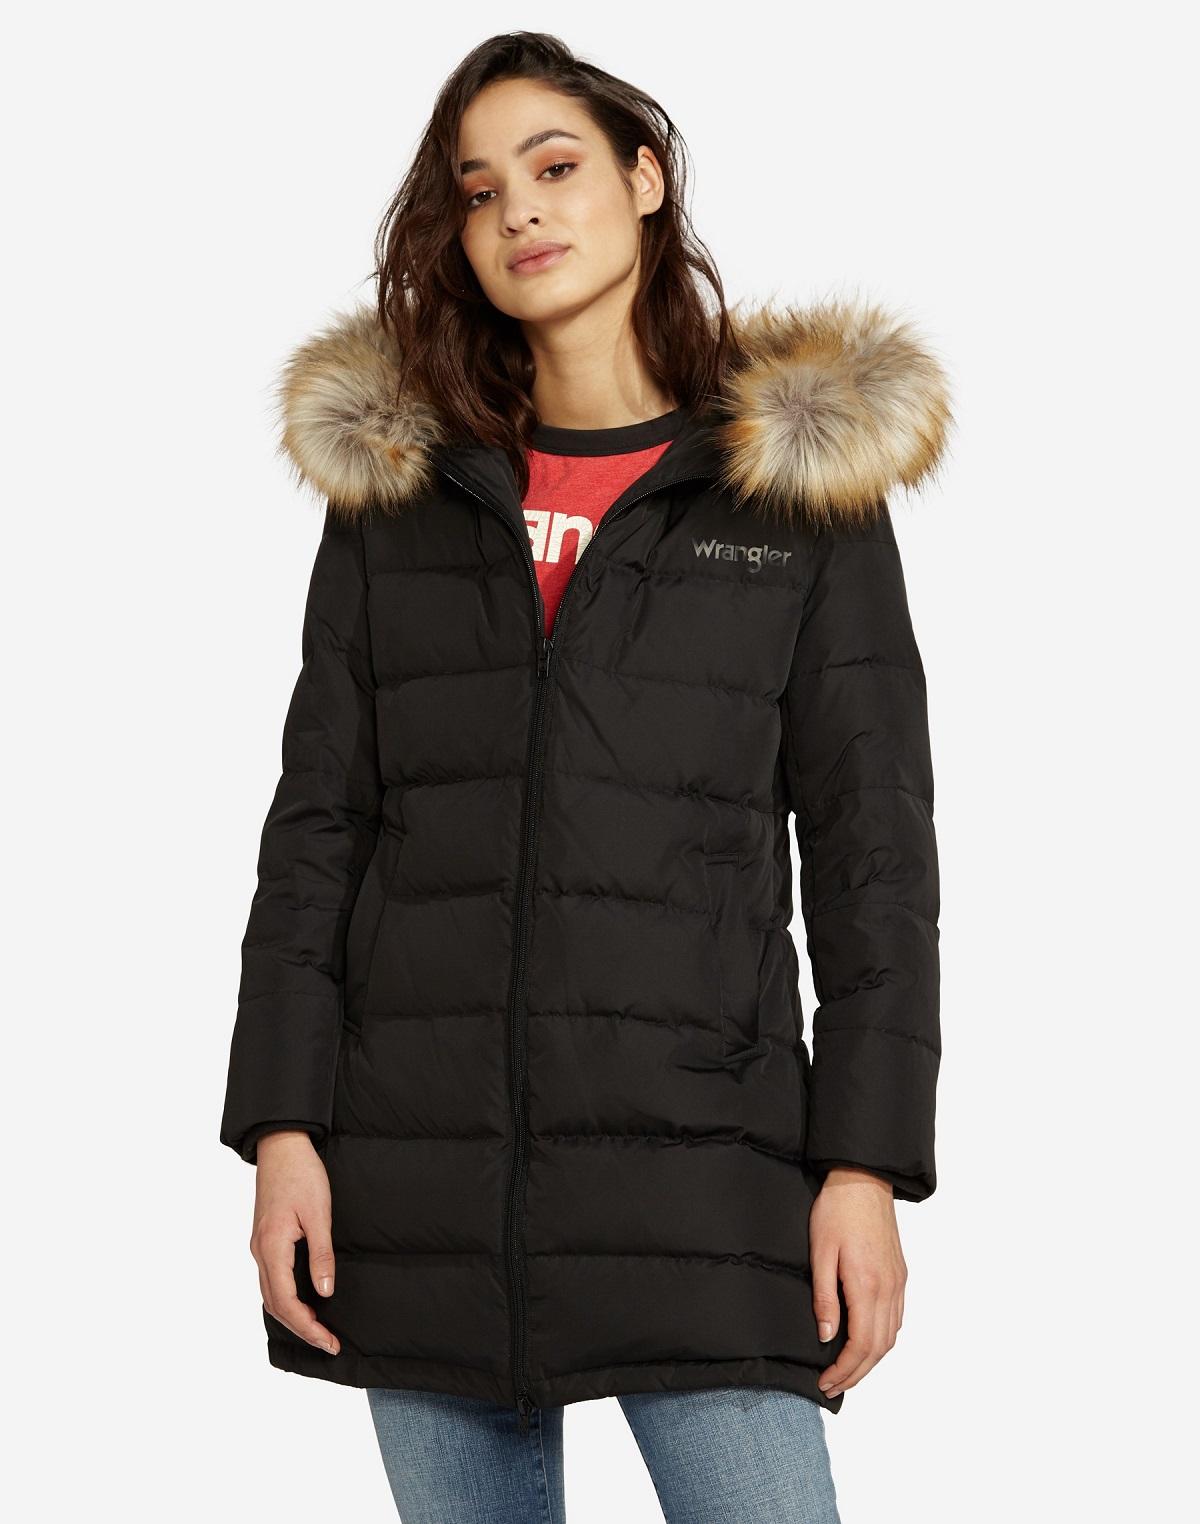 Wrangler dámský zimní kabát W4126VJ01 Černá L